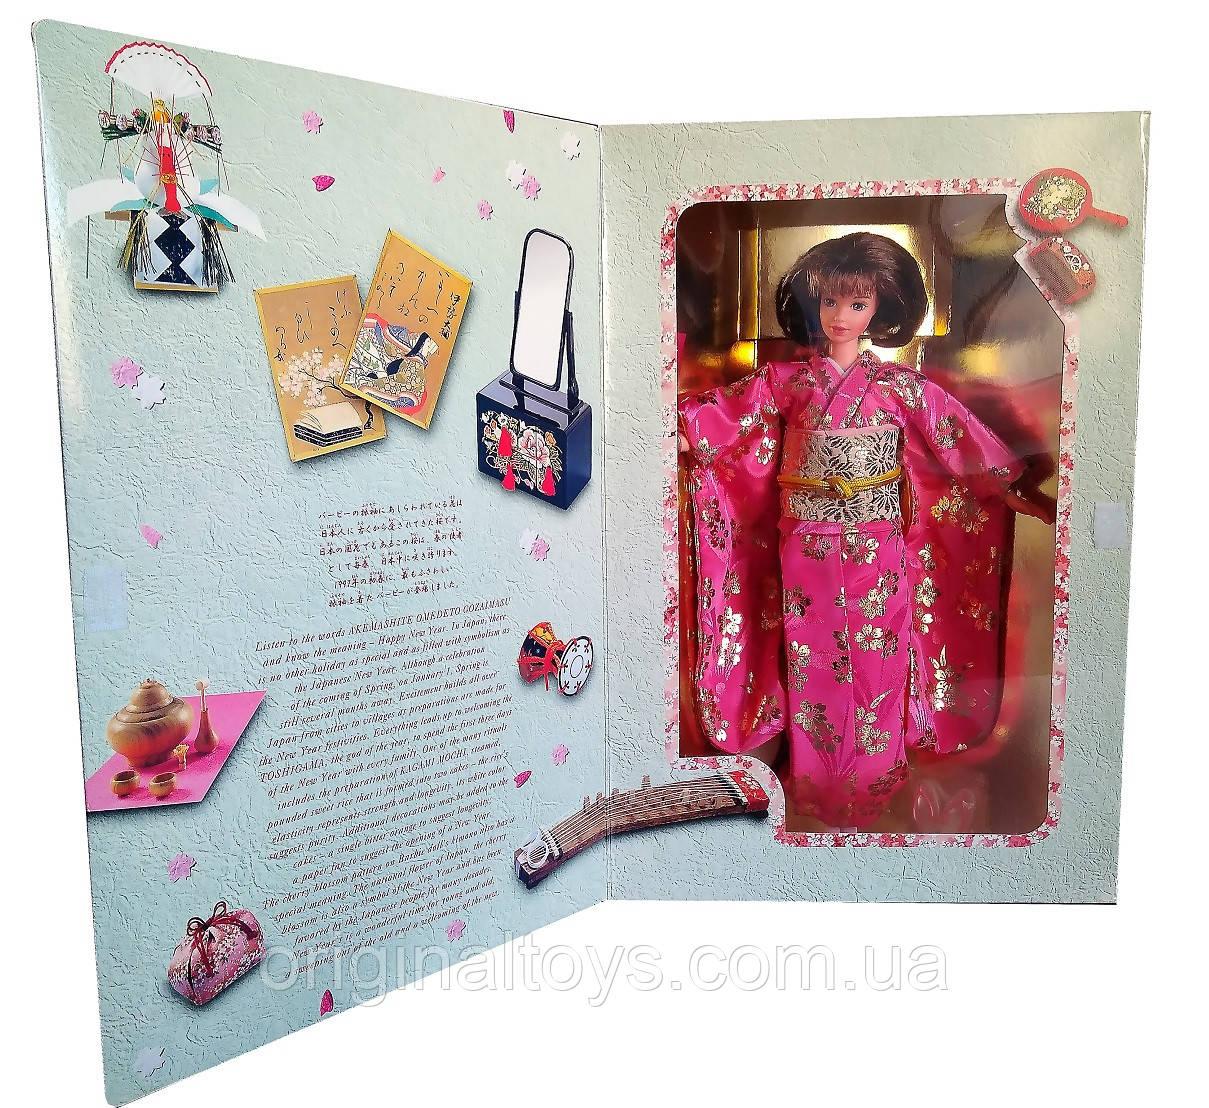 Коллекционная кукла Барби с Новым годом Barbie Happy New Year 1996 Mattel 16093